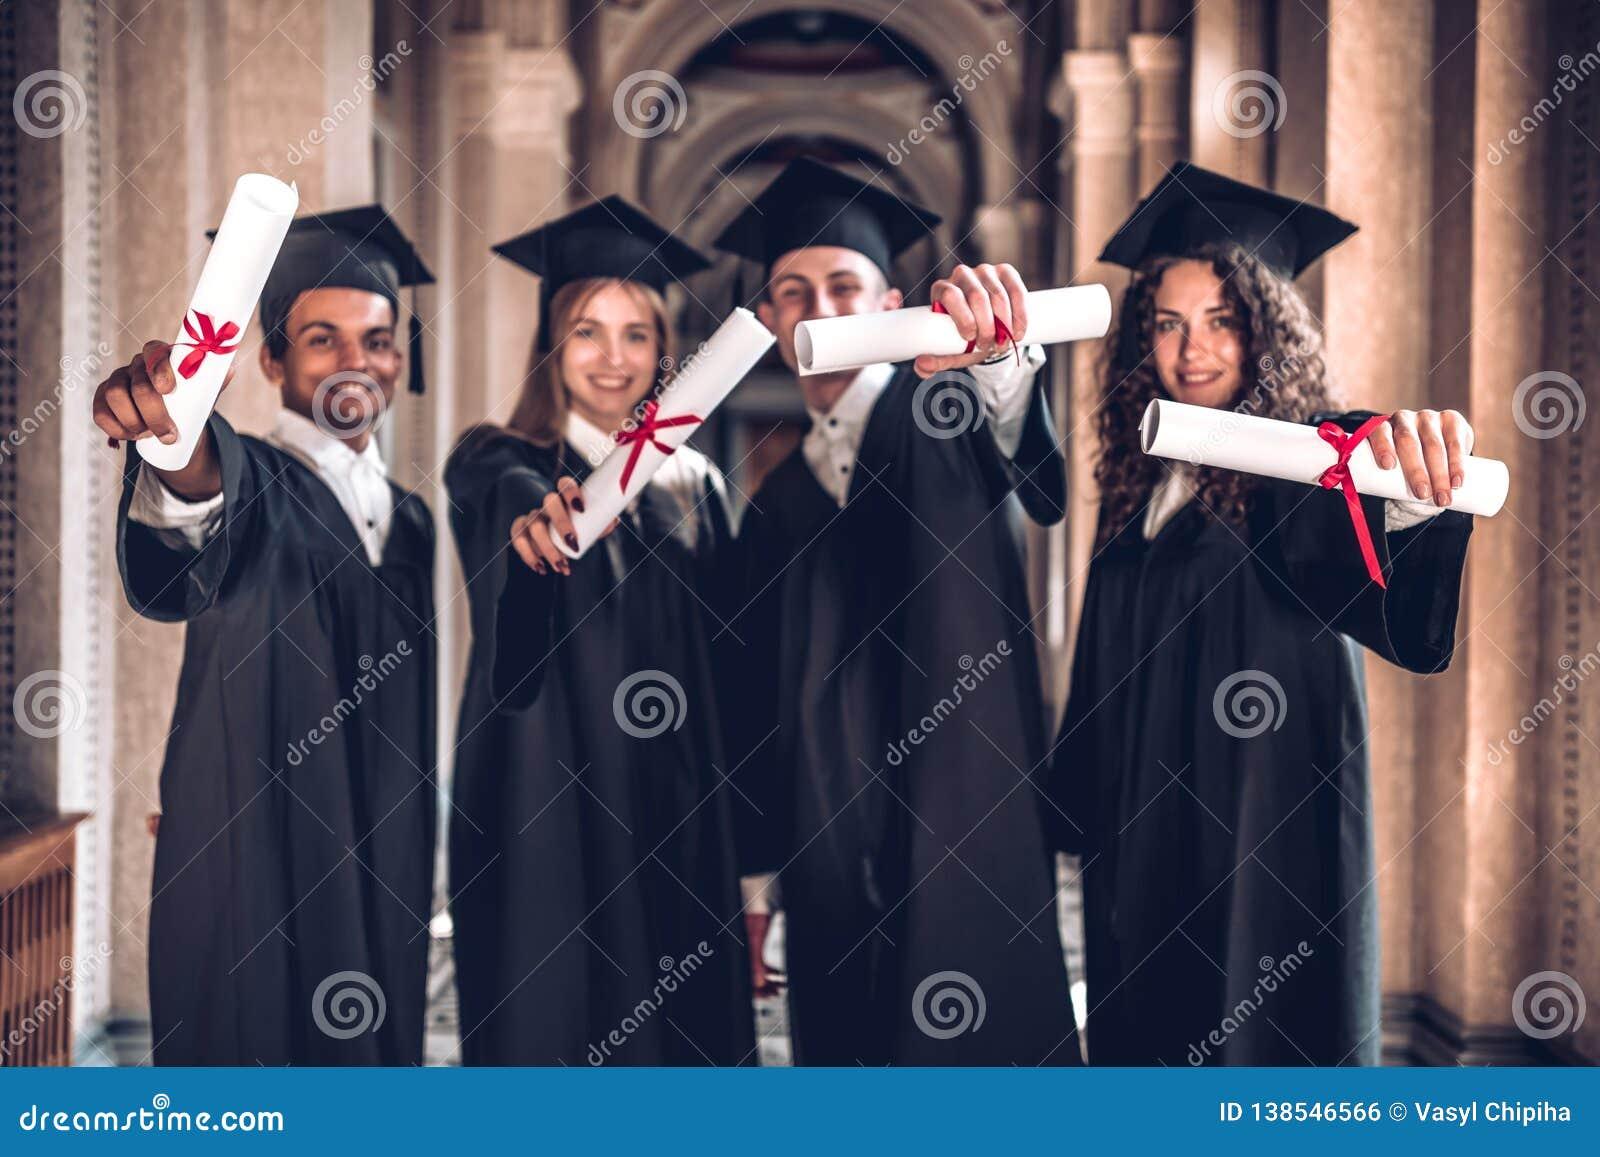 Wij werkten en kregen hard resultaten! Groep glimlachende gediplomeerden die hun diploma s, het verenigen in universitaire zaal e